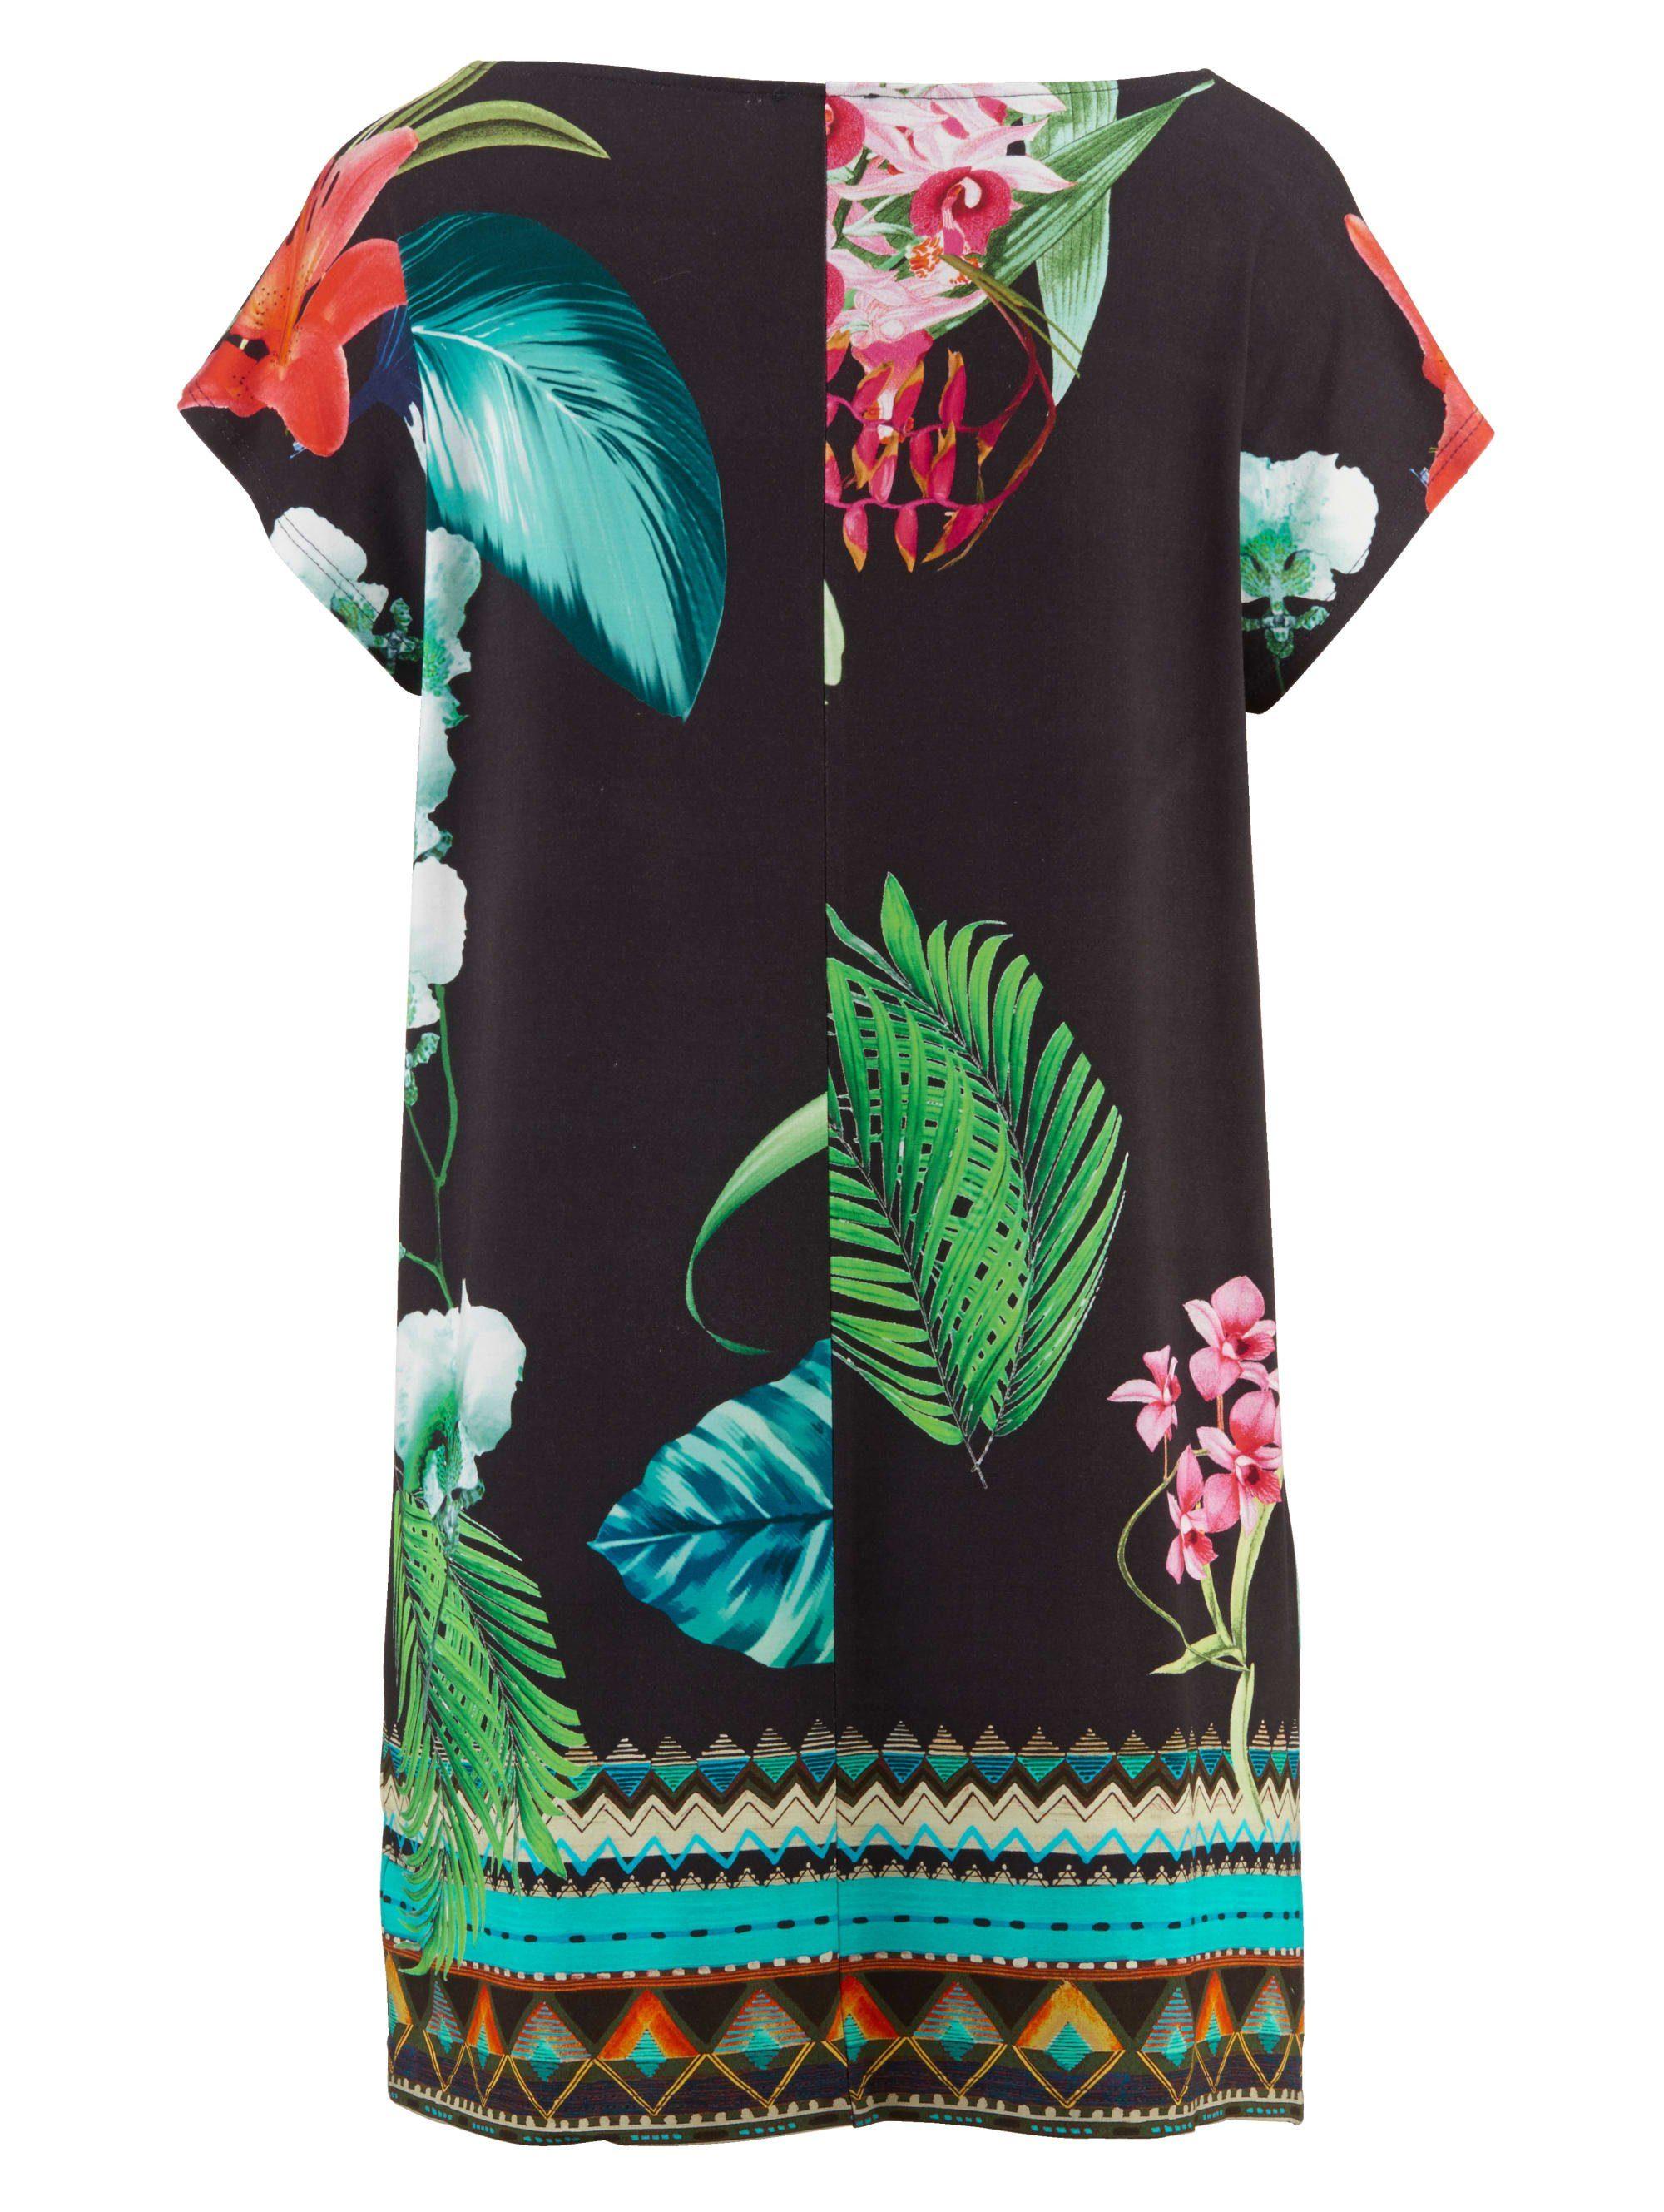 Alba Moda Shirt mit Bordüren-Druck, Mit leuchtendem Blumendruck in Vorder- und Rückteil online kaufen